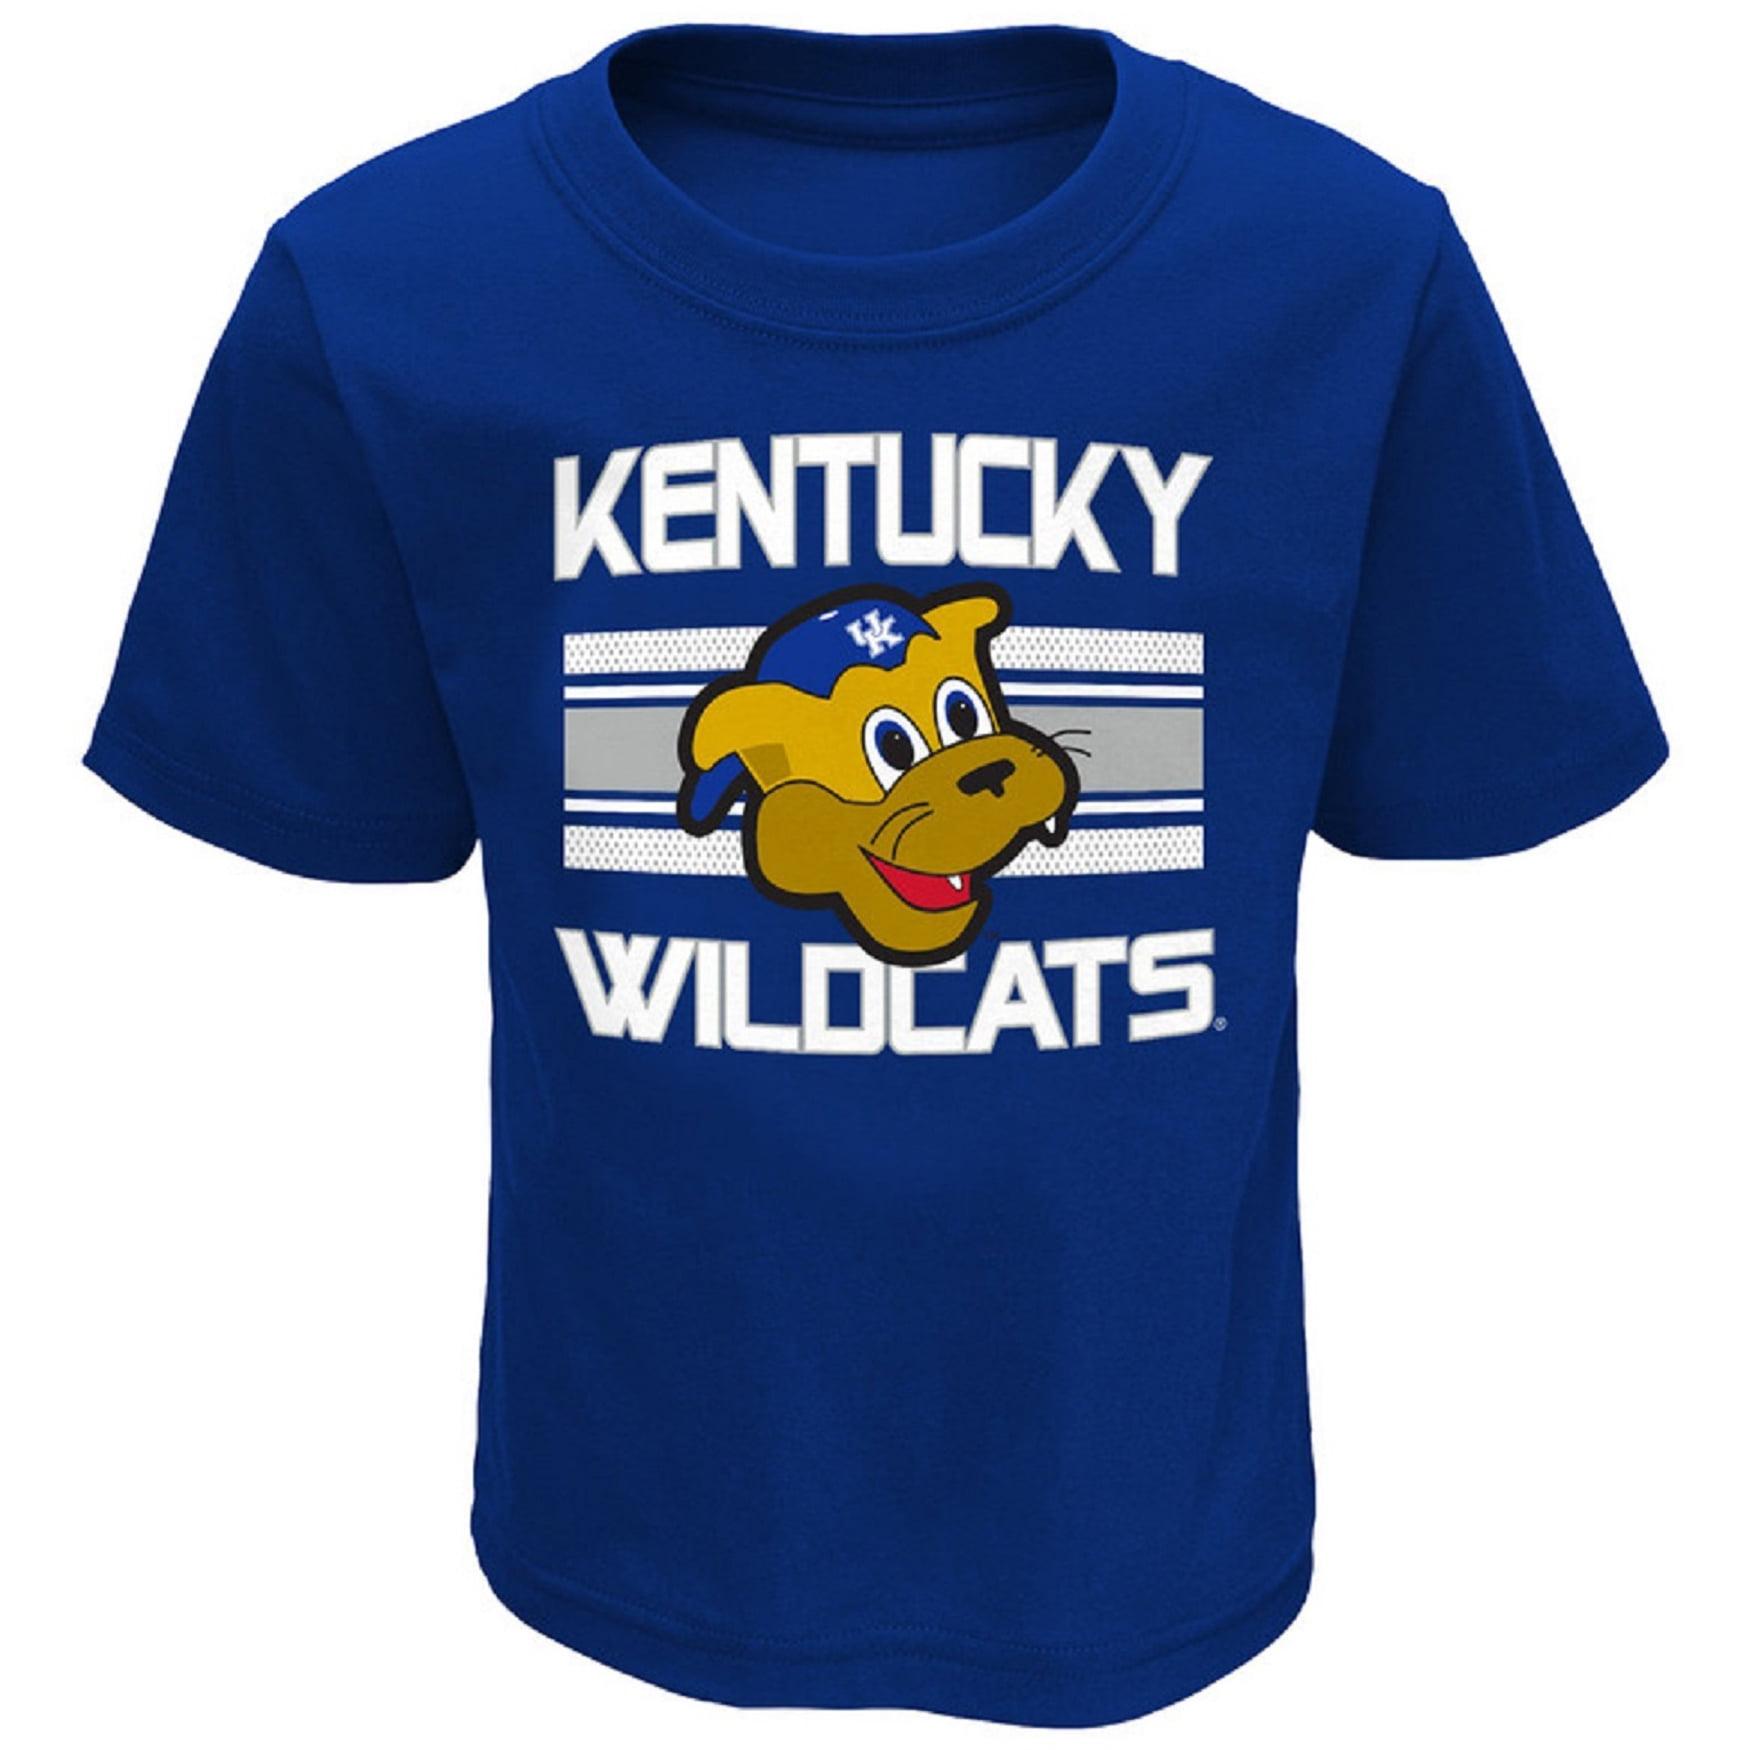 Toddler Royal Kentucky Wildcats Mascot T-Shirt